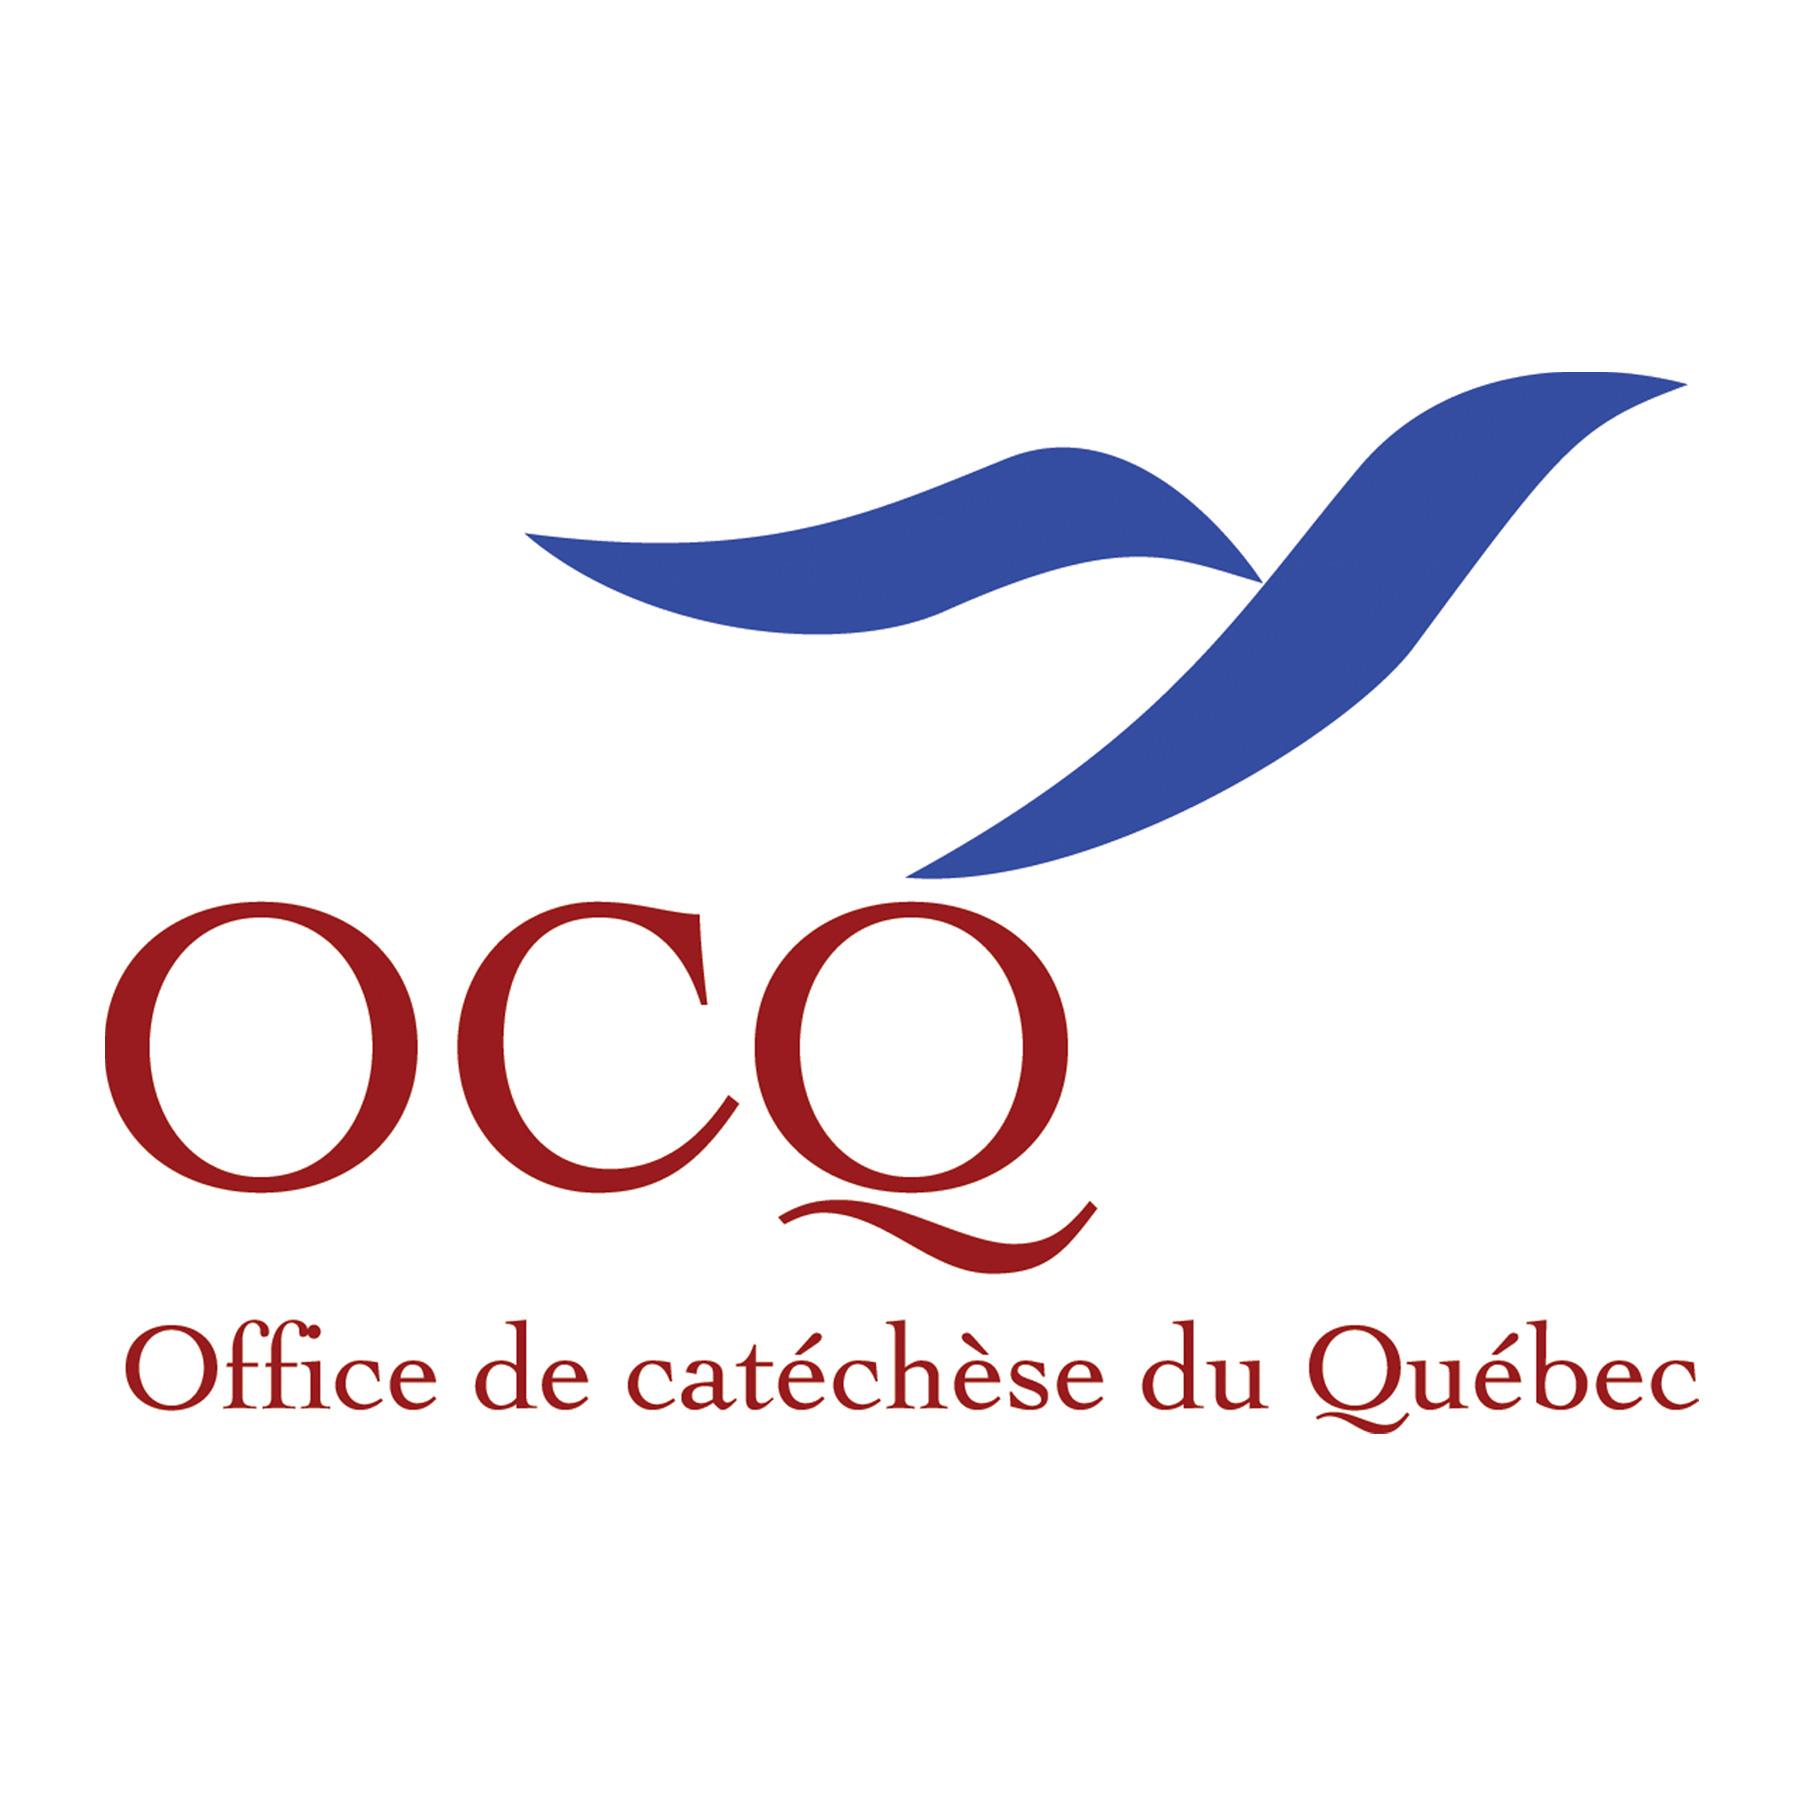 Office de catéchèse du Québec - Socabi